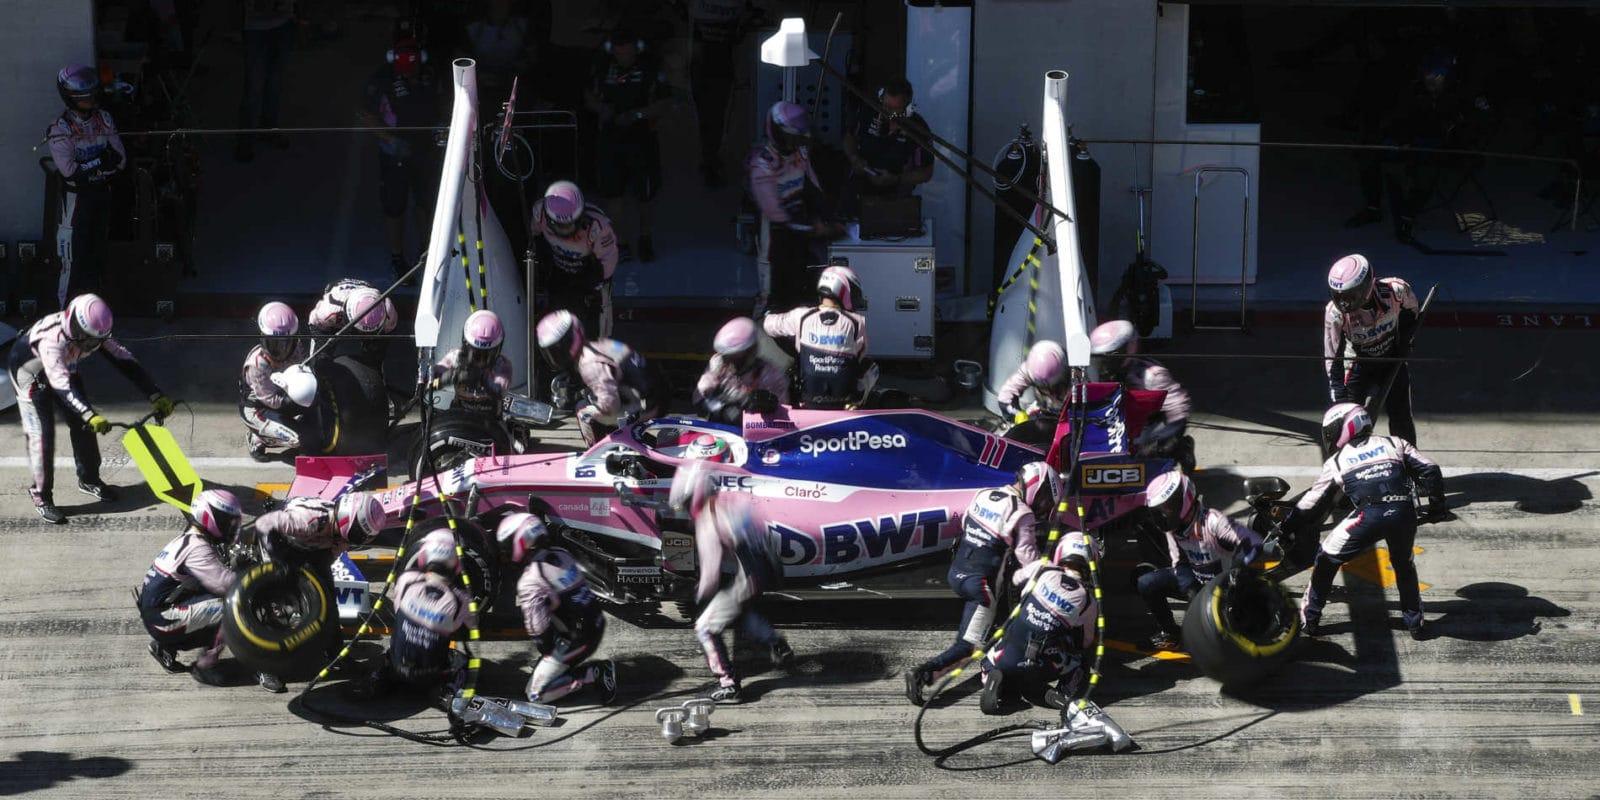 Boj o každý bod: Racing Point nasadí důležitá vylepšení